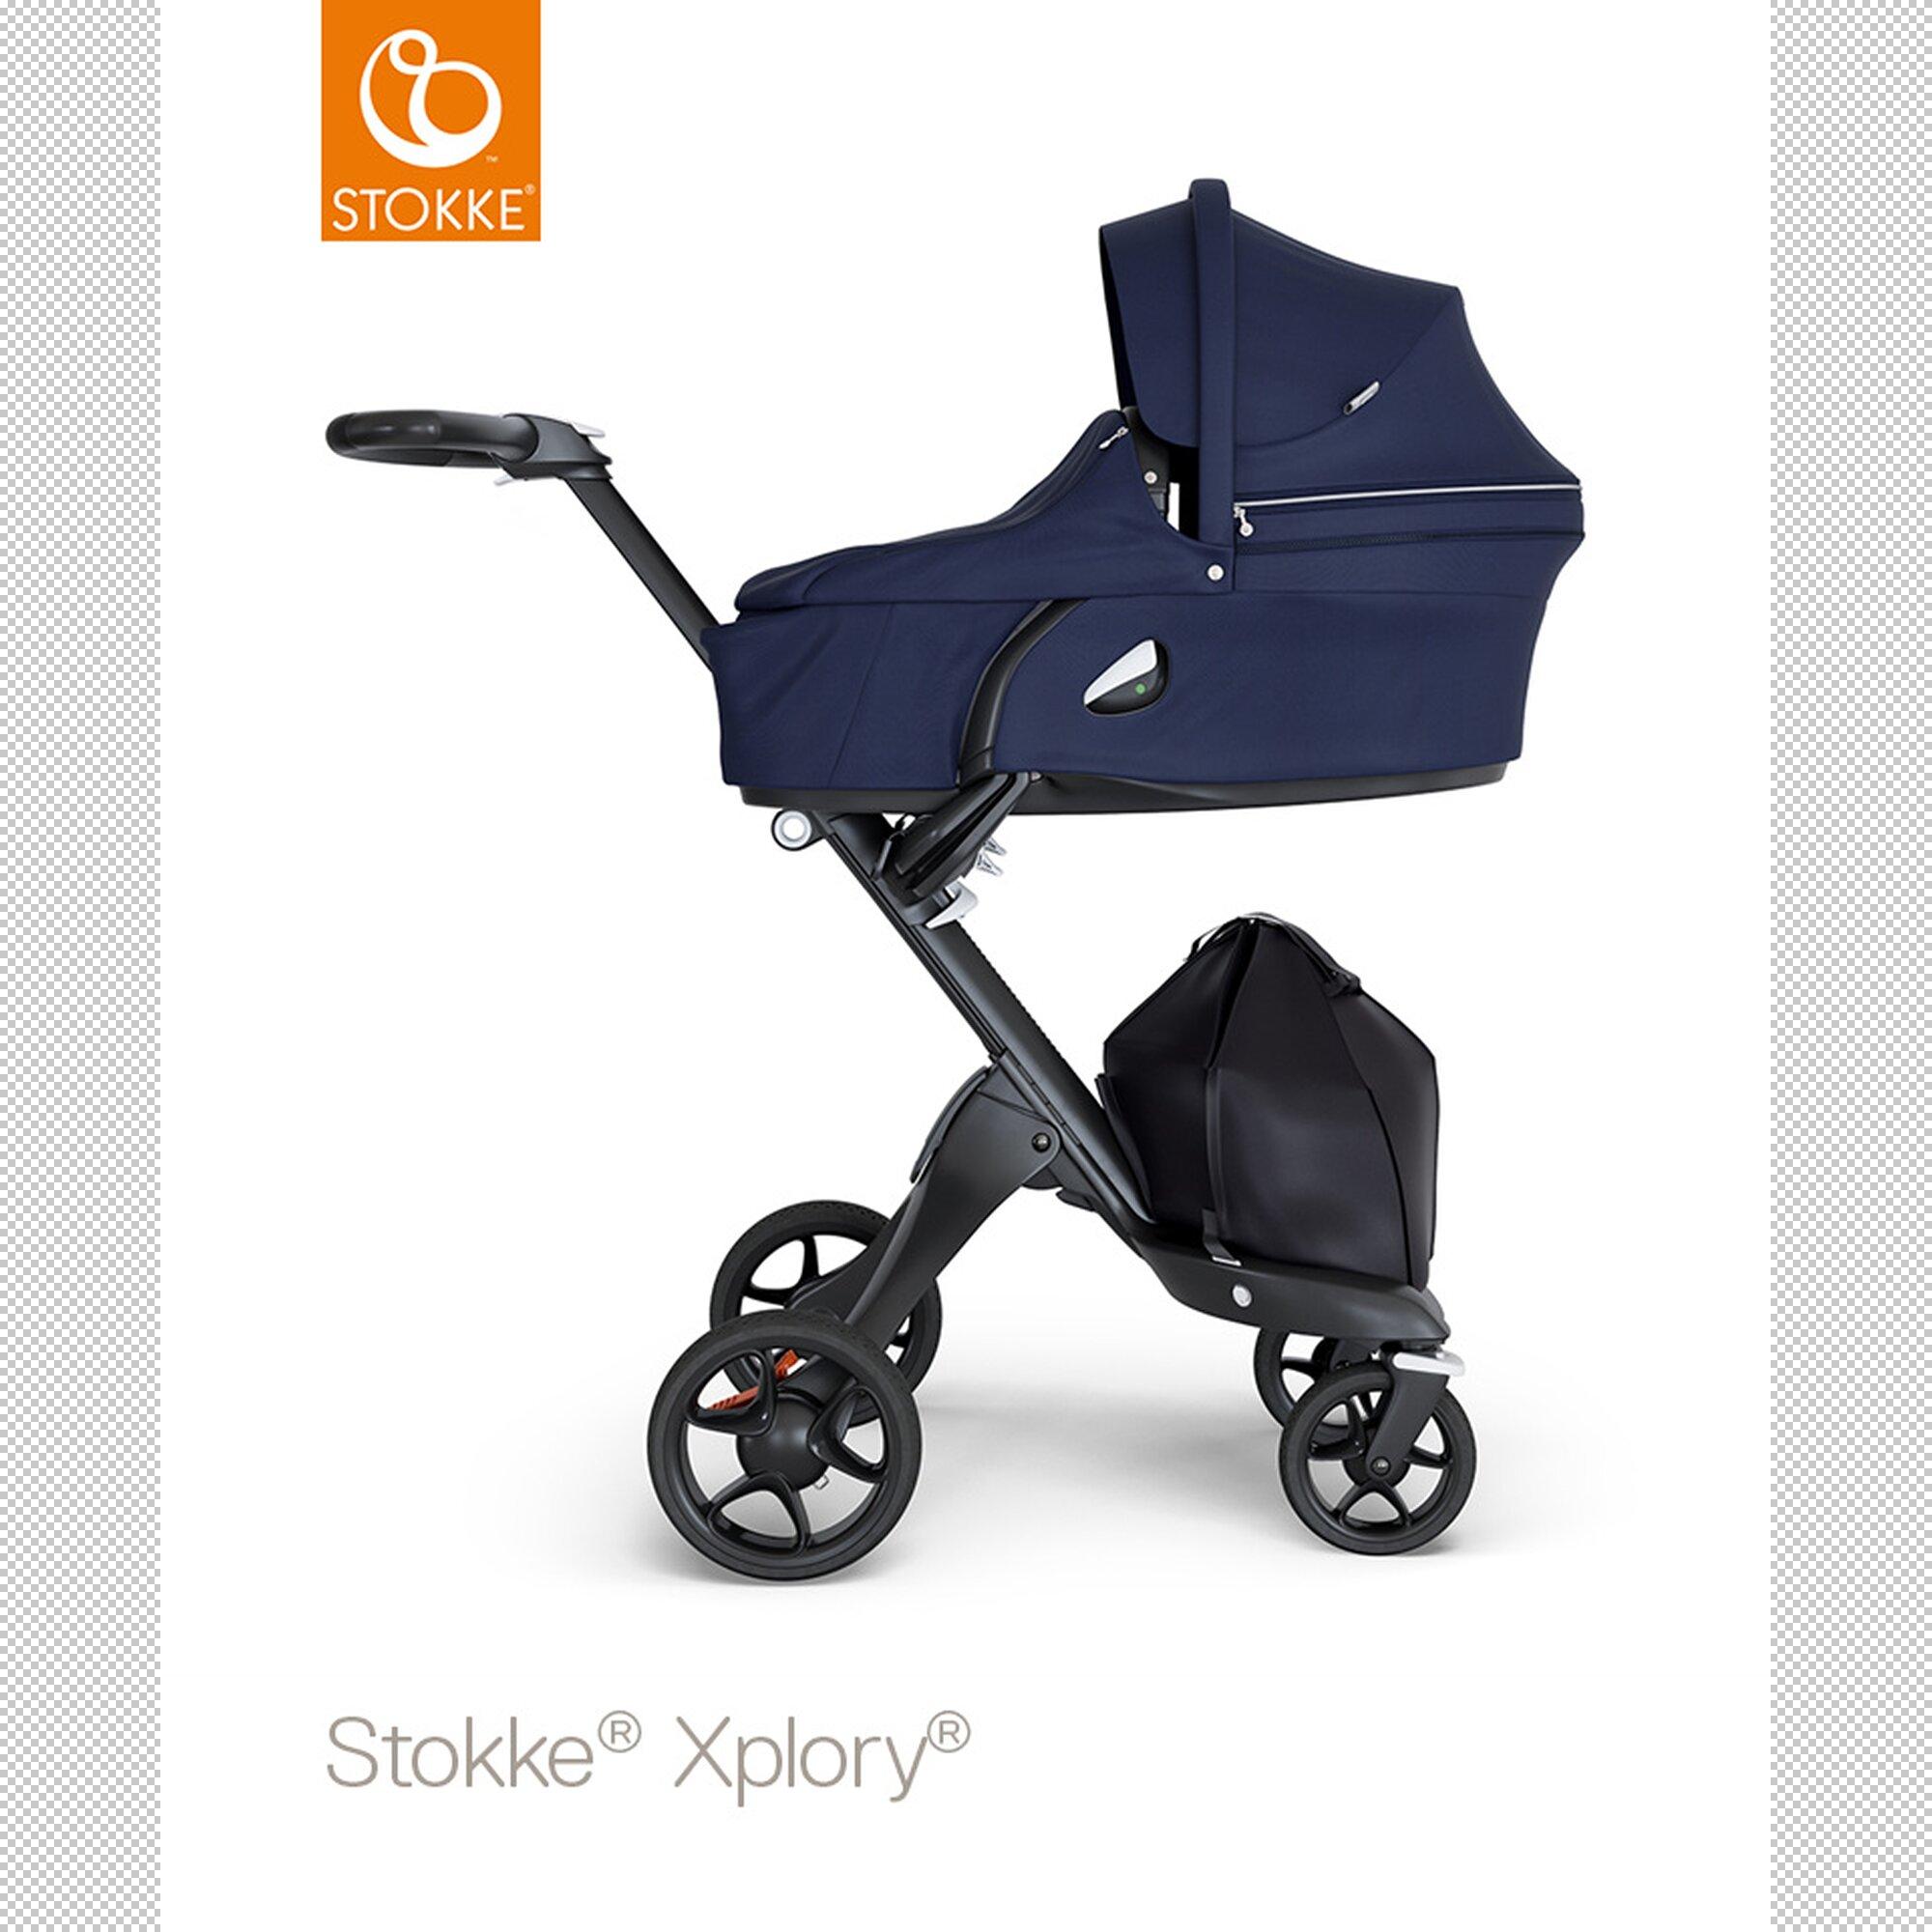 stokke-tragewanne-xplory-v6-blau